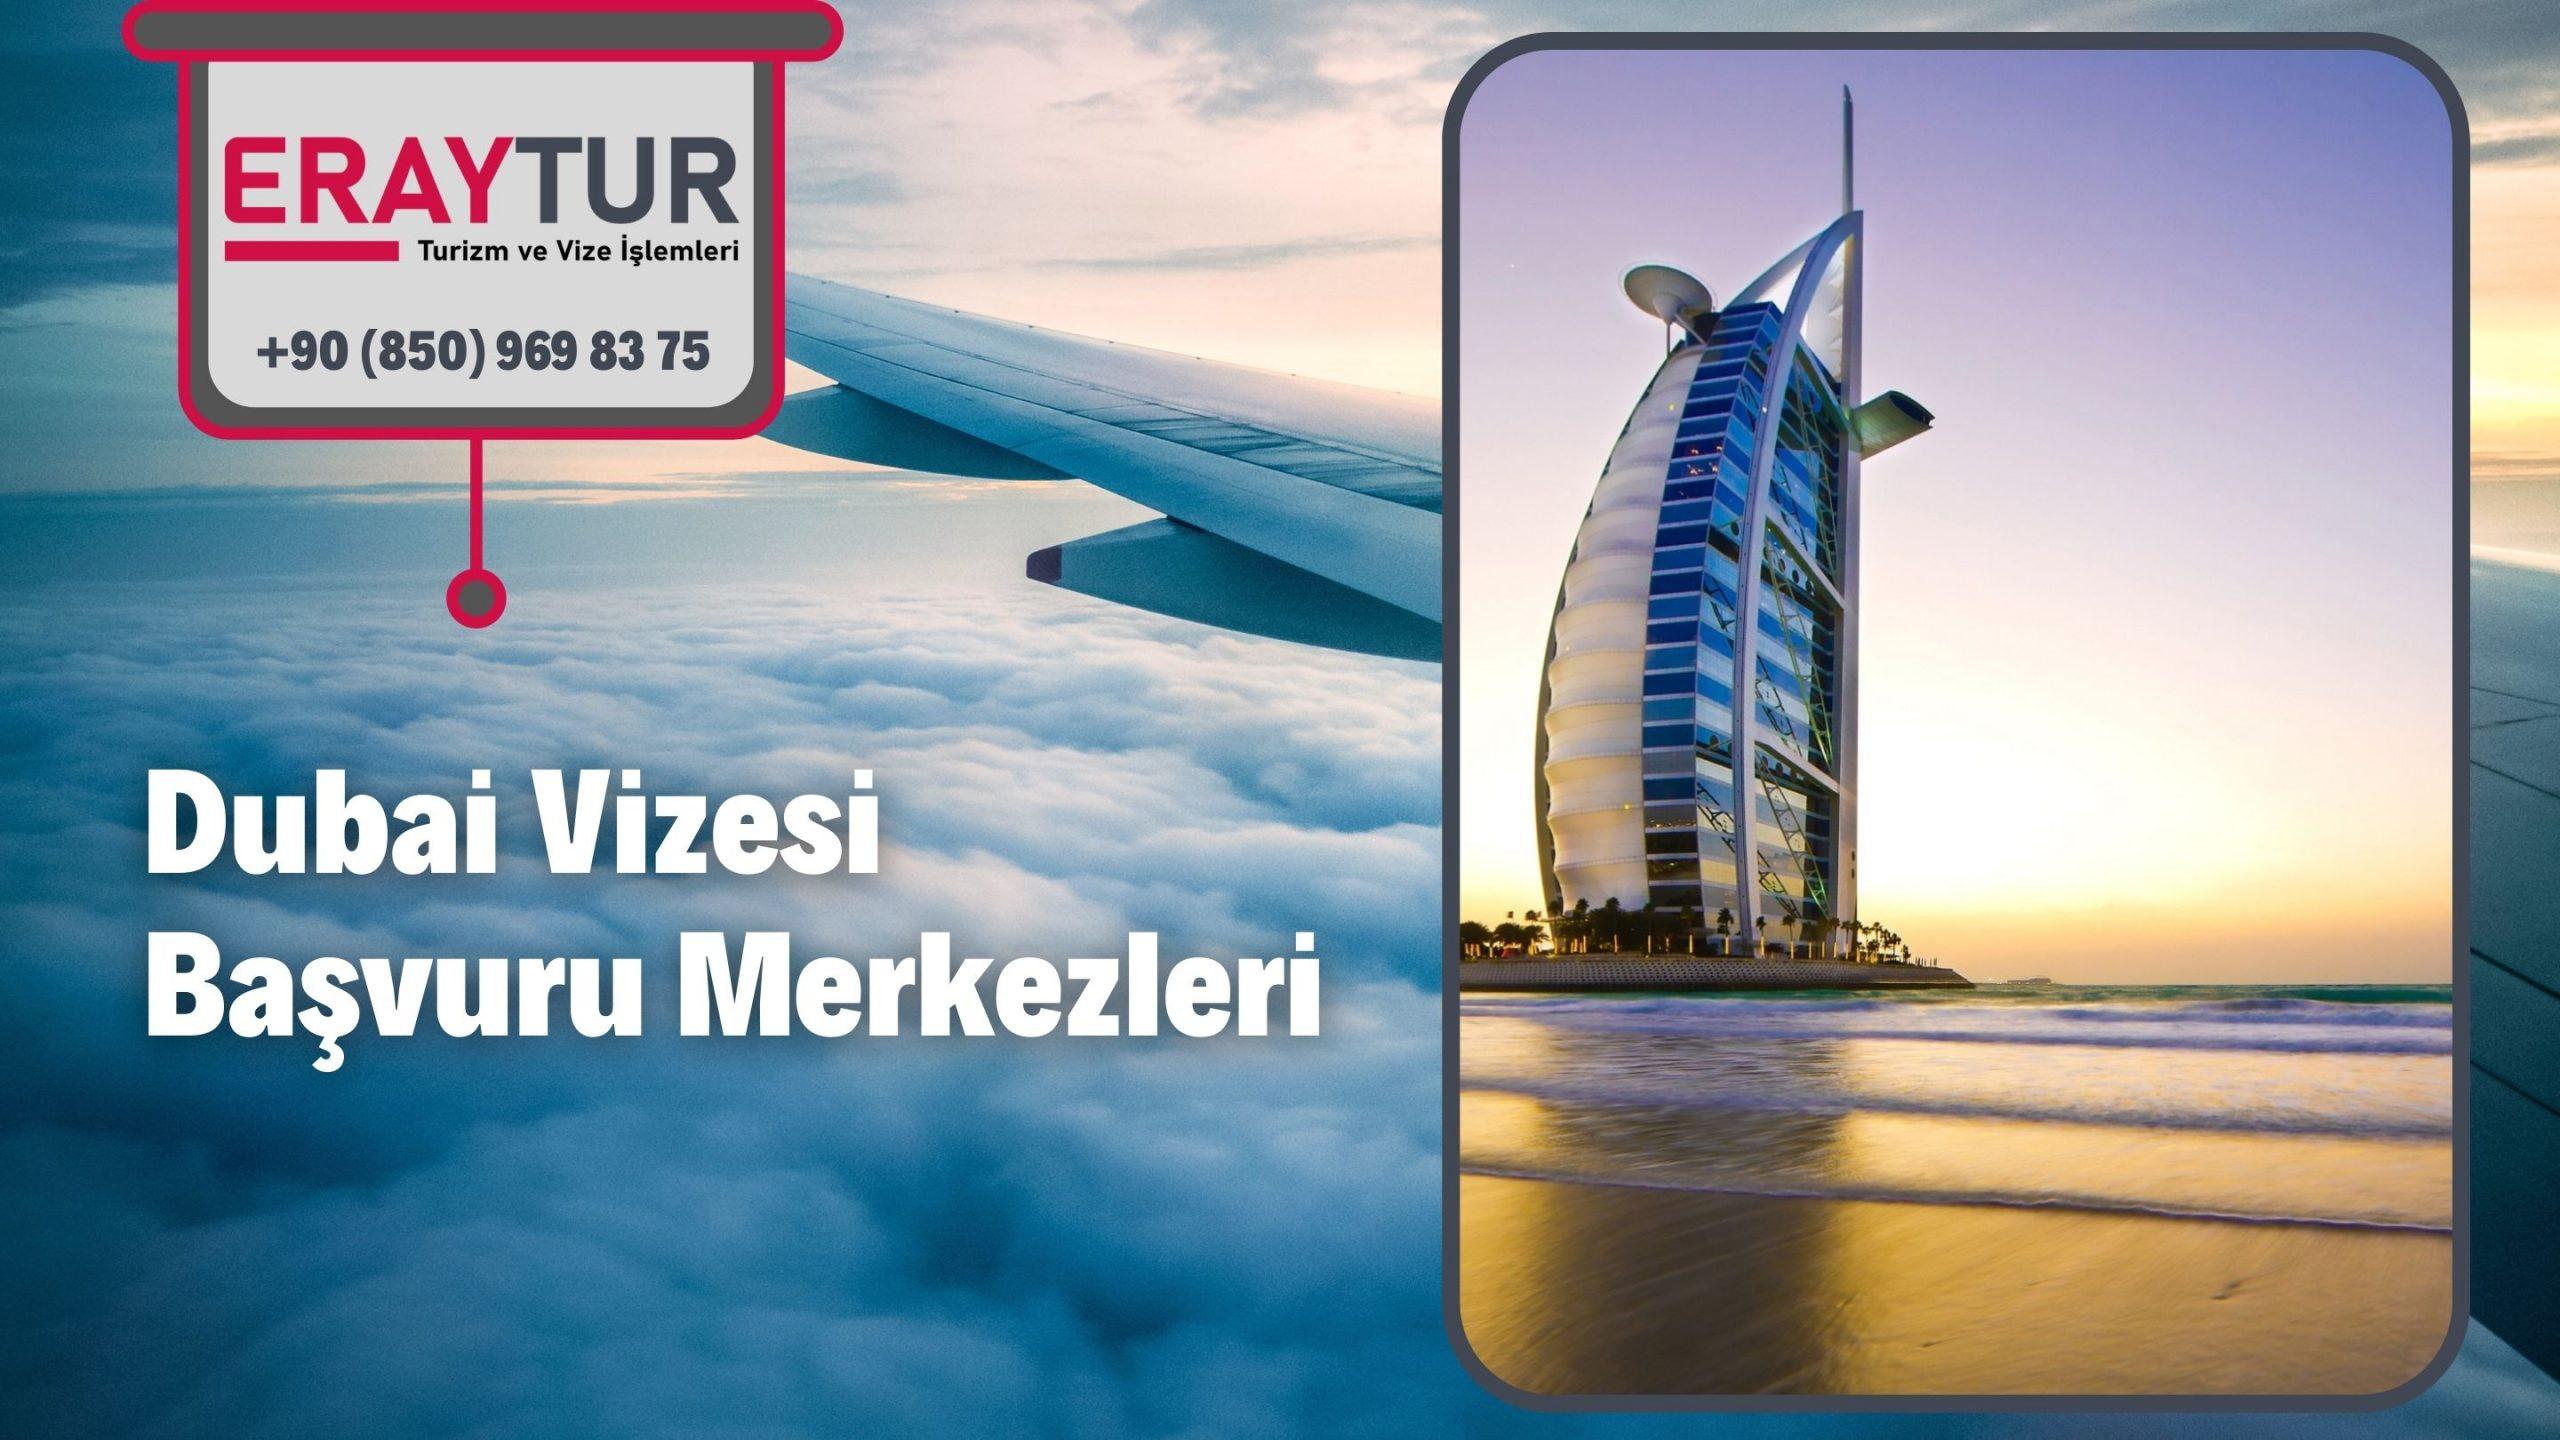 Dubai Vizesi Başvuru Merkezleri 1 – dubai vizesi basvuru merkezleri 1 scaled